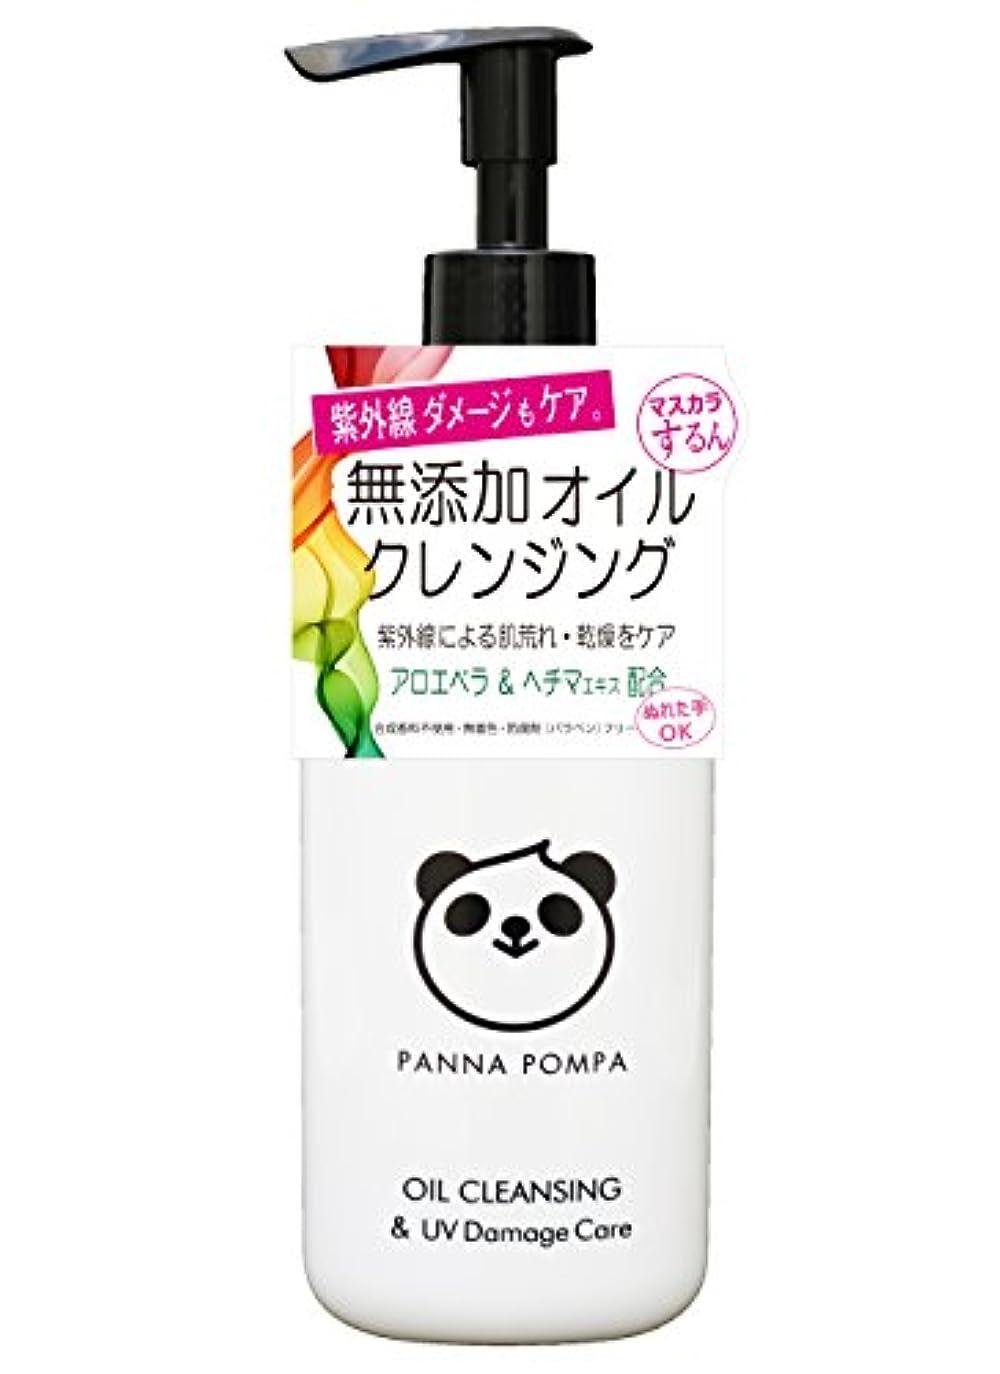 バリー必要とするブランドパンナポンパ 紫外線ダメージ肌の無添加オイルクレンジング